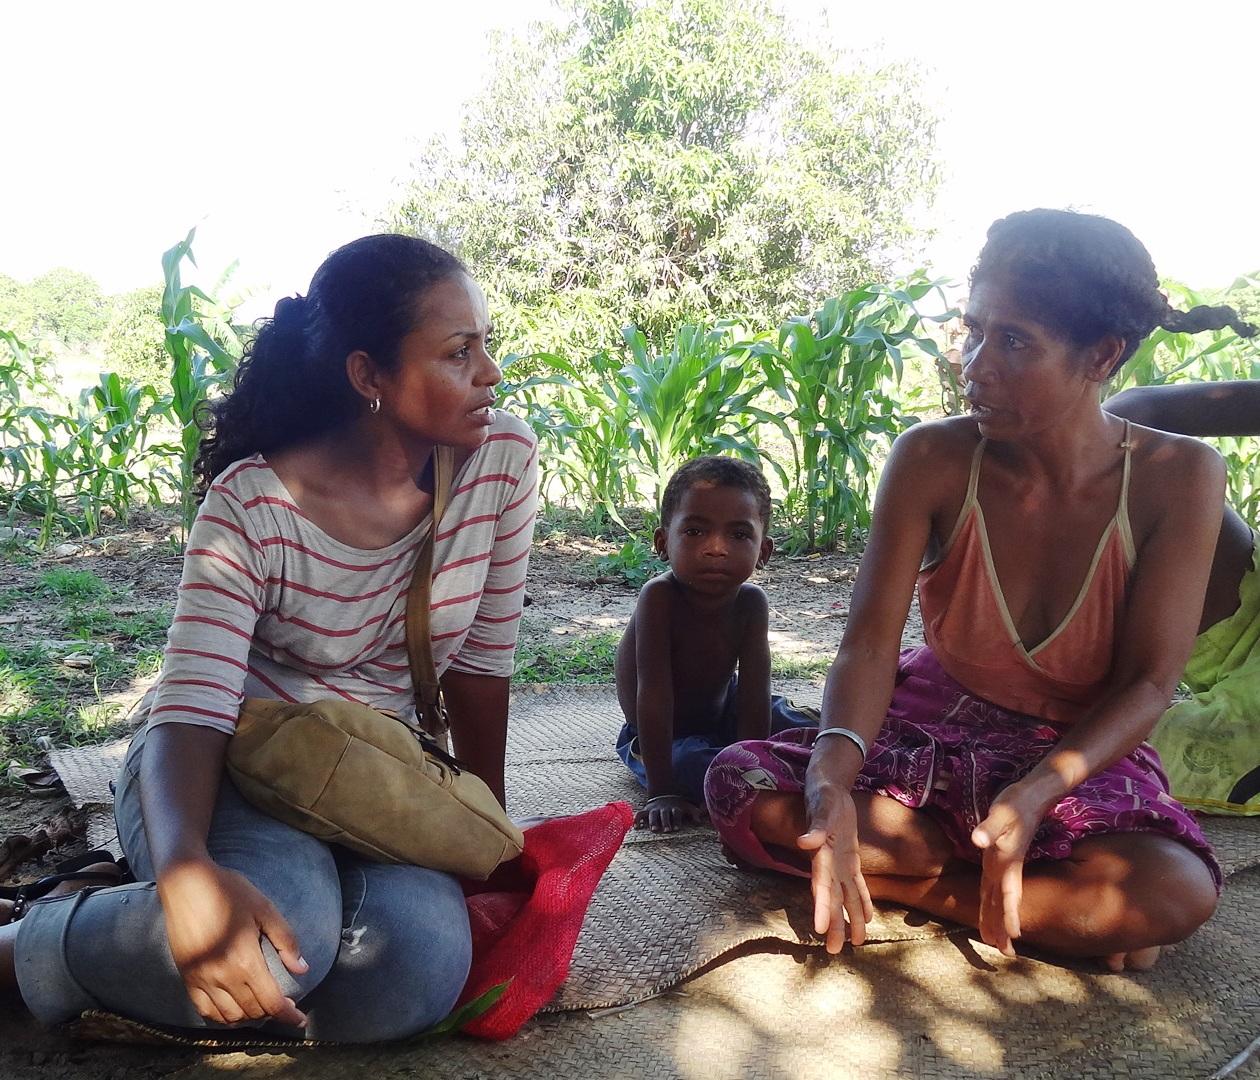 Les visites à domicile sont le moment privilégié pour un dialogue intime avec les familles